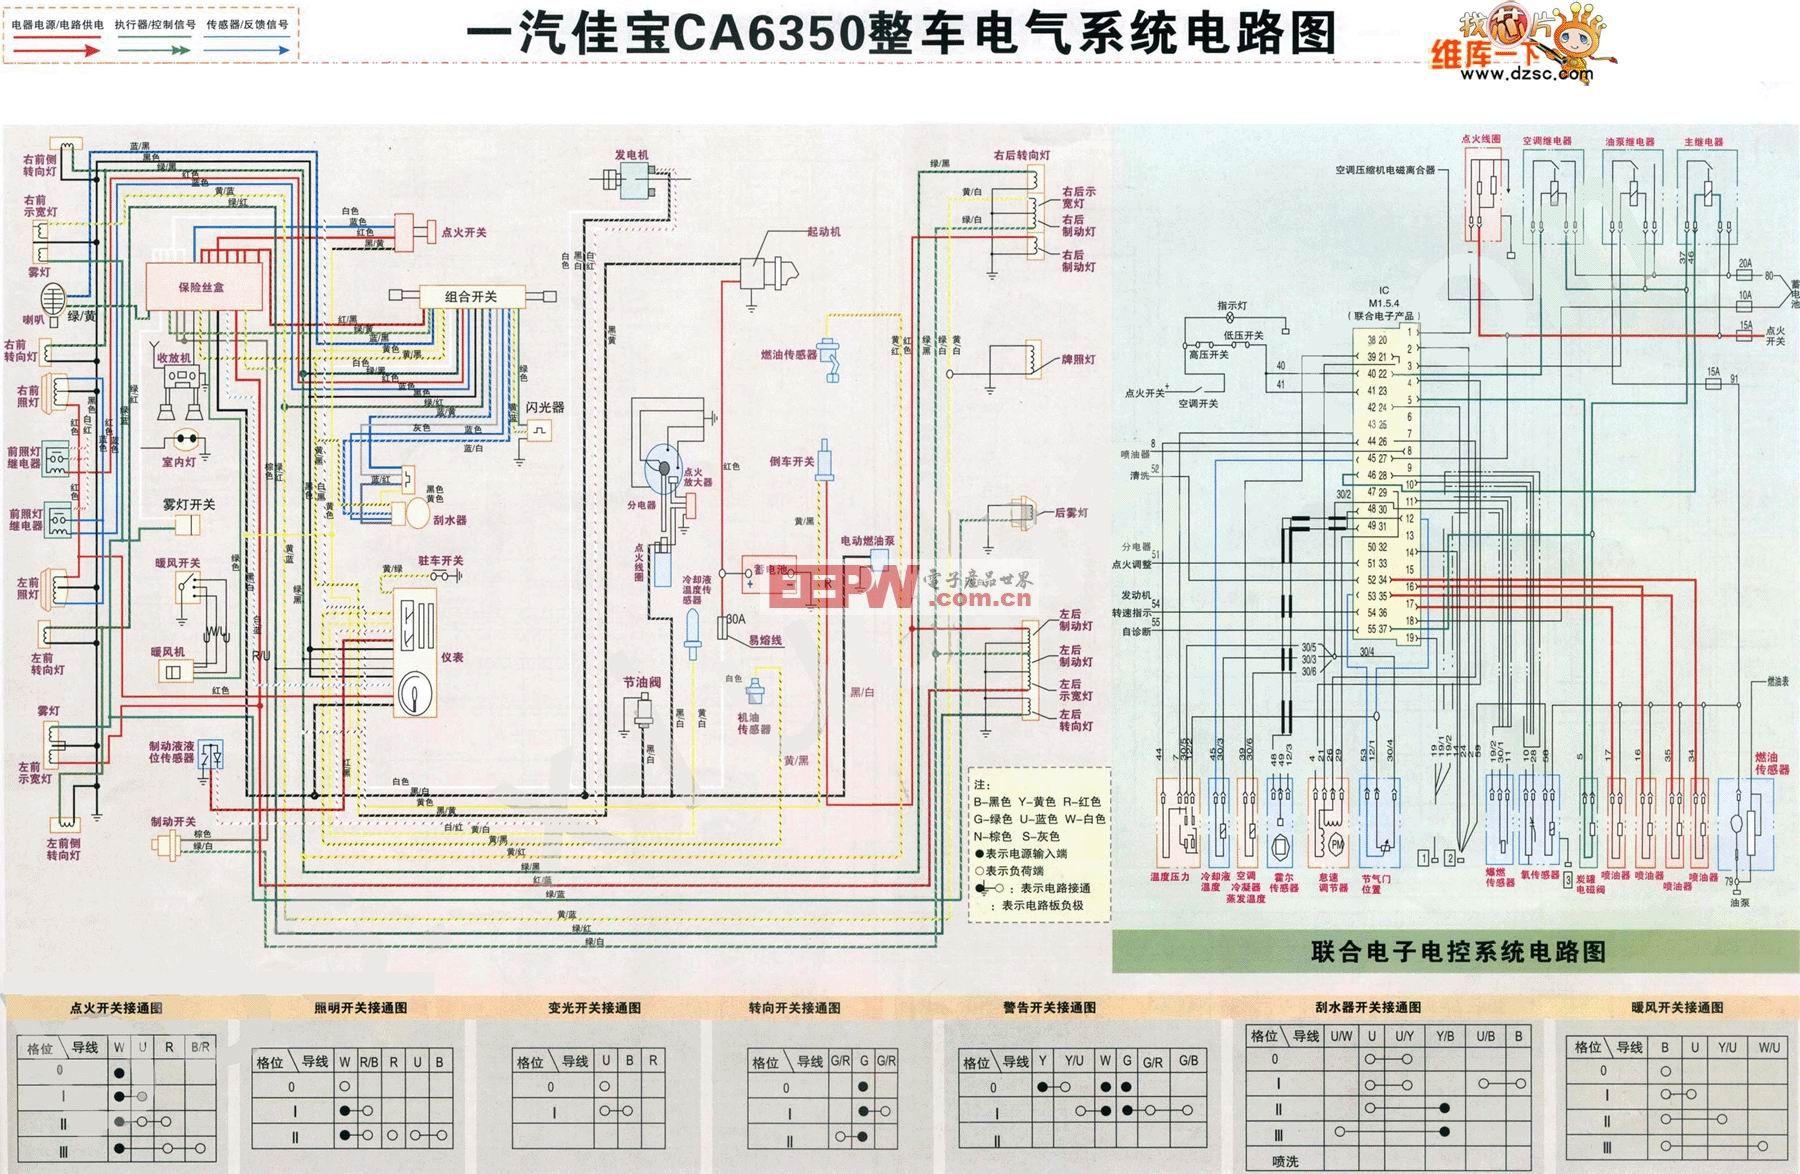 一汽佳宝CA6350整车电气系统电路图